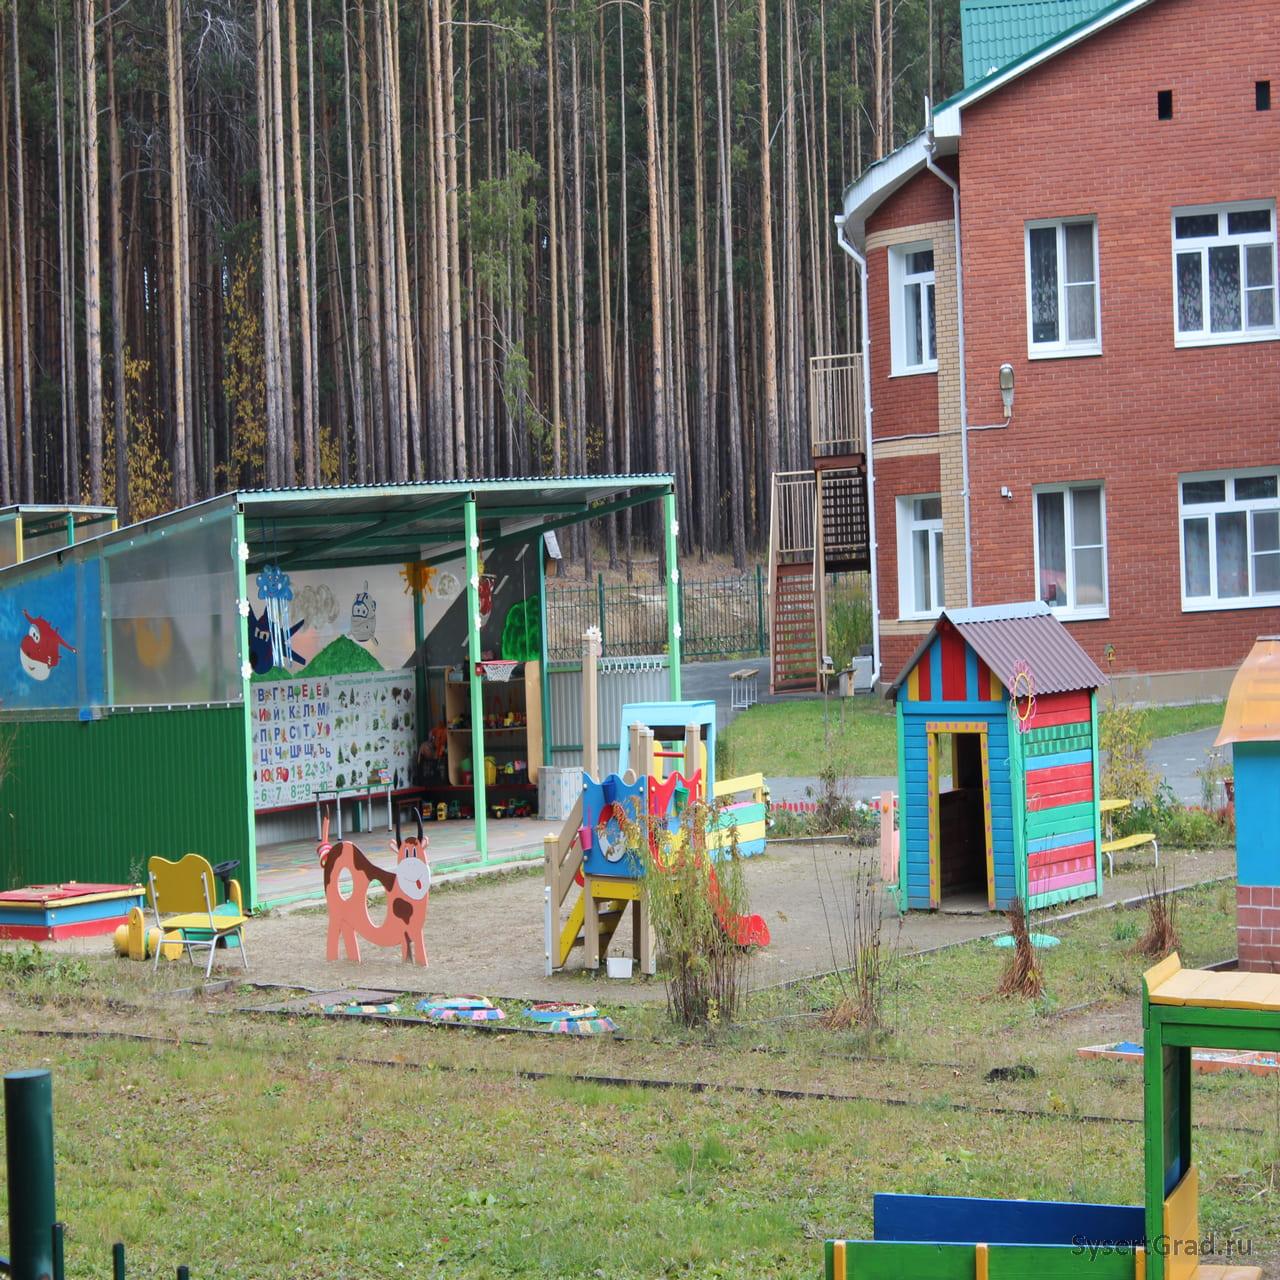 Детский сад Улыбка Сысерть 4